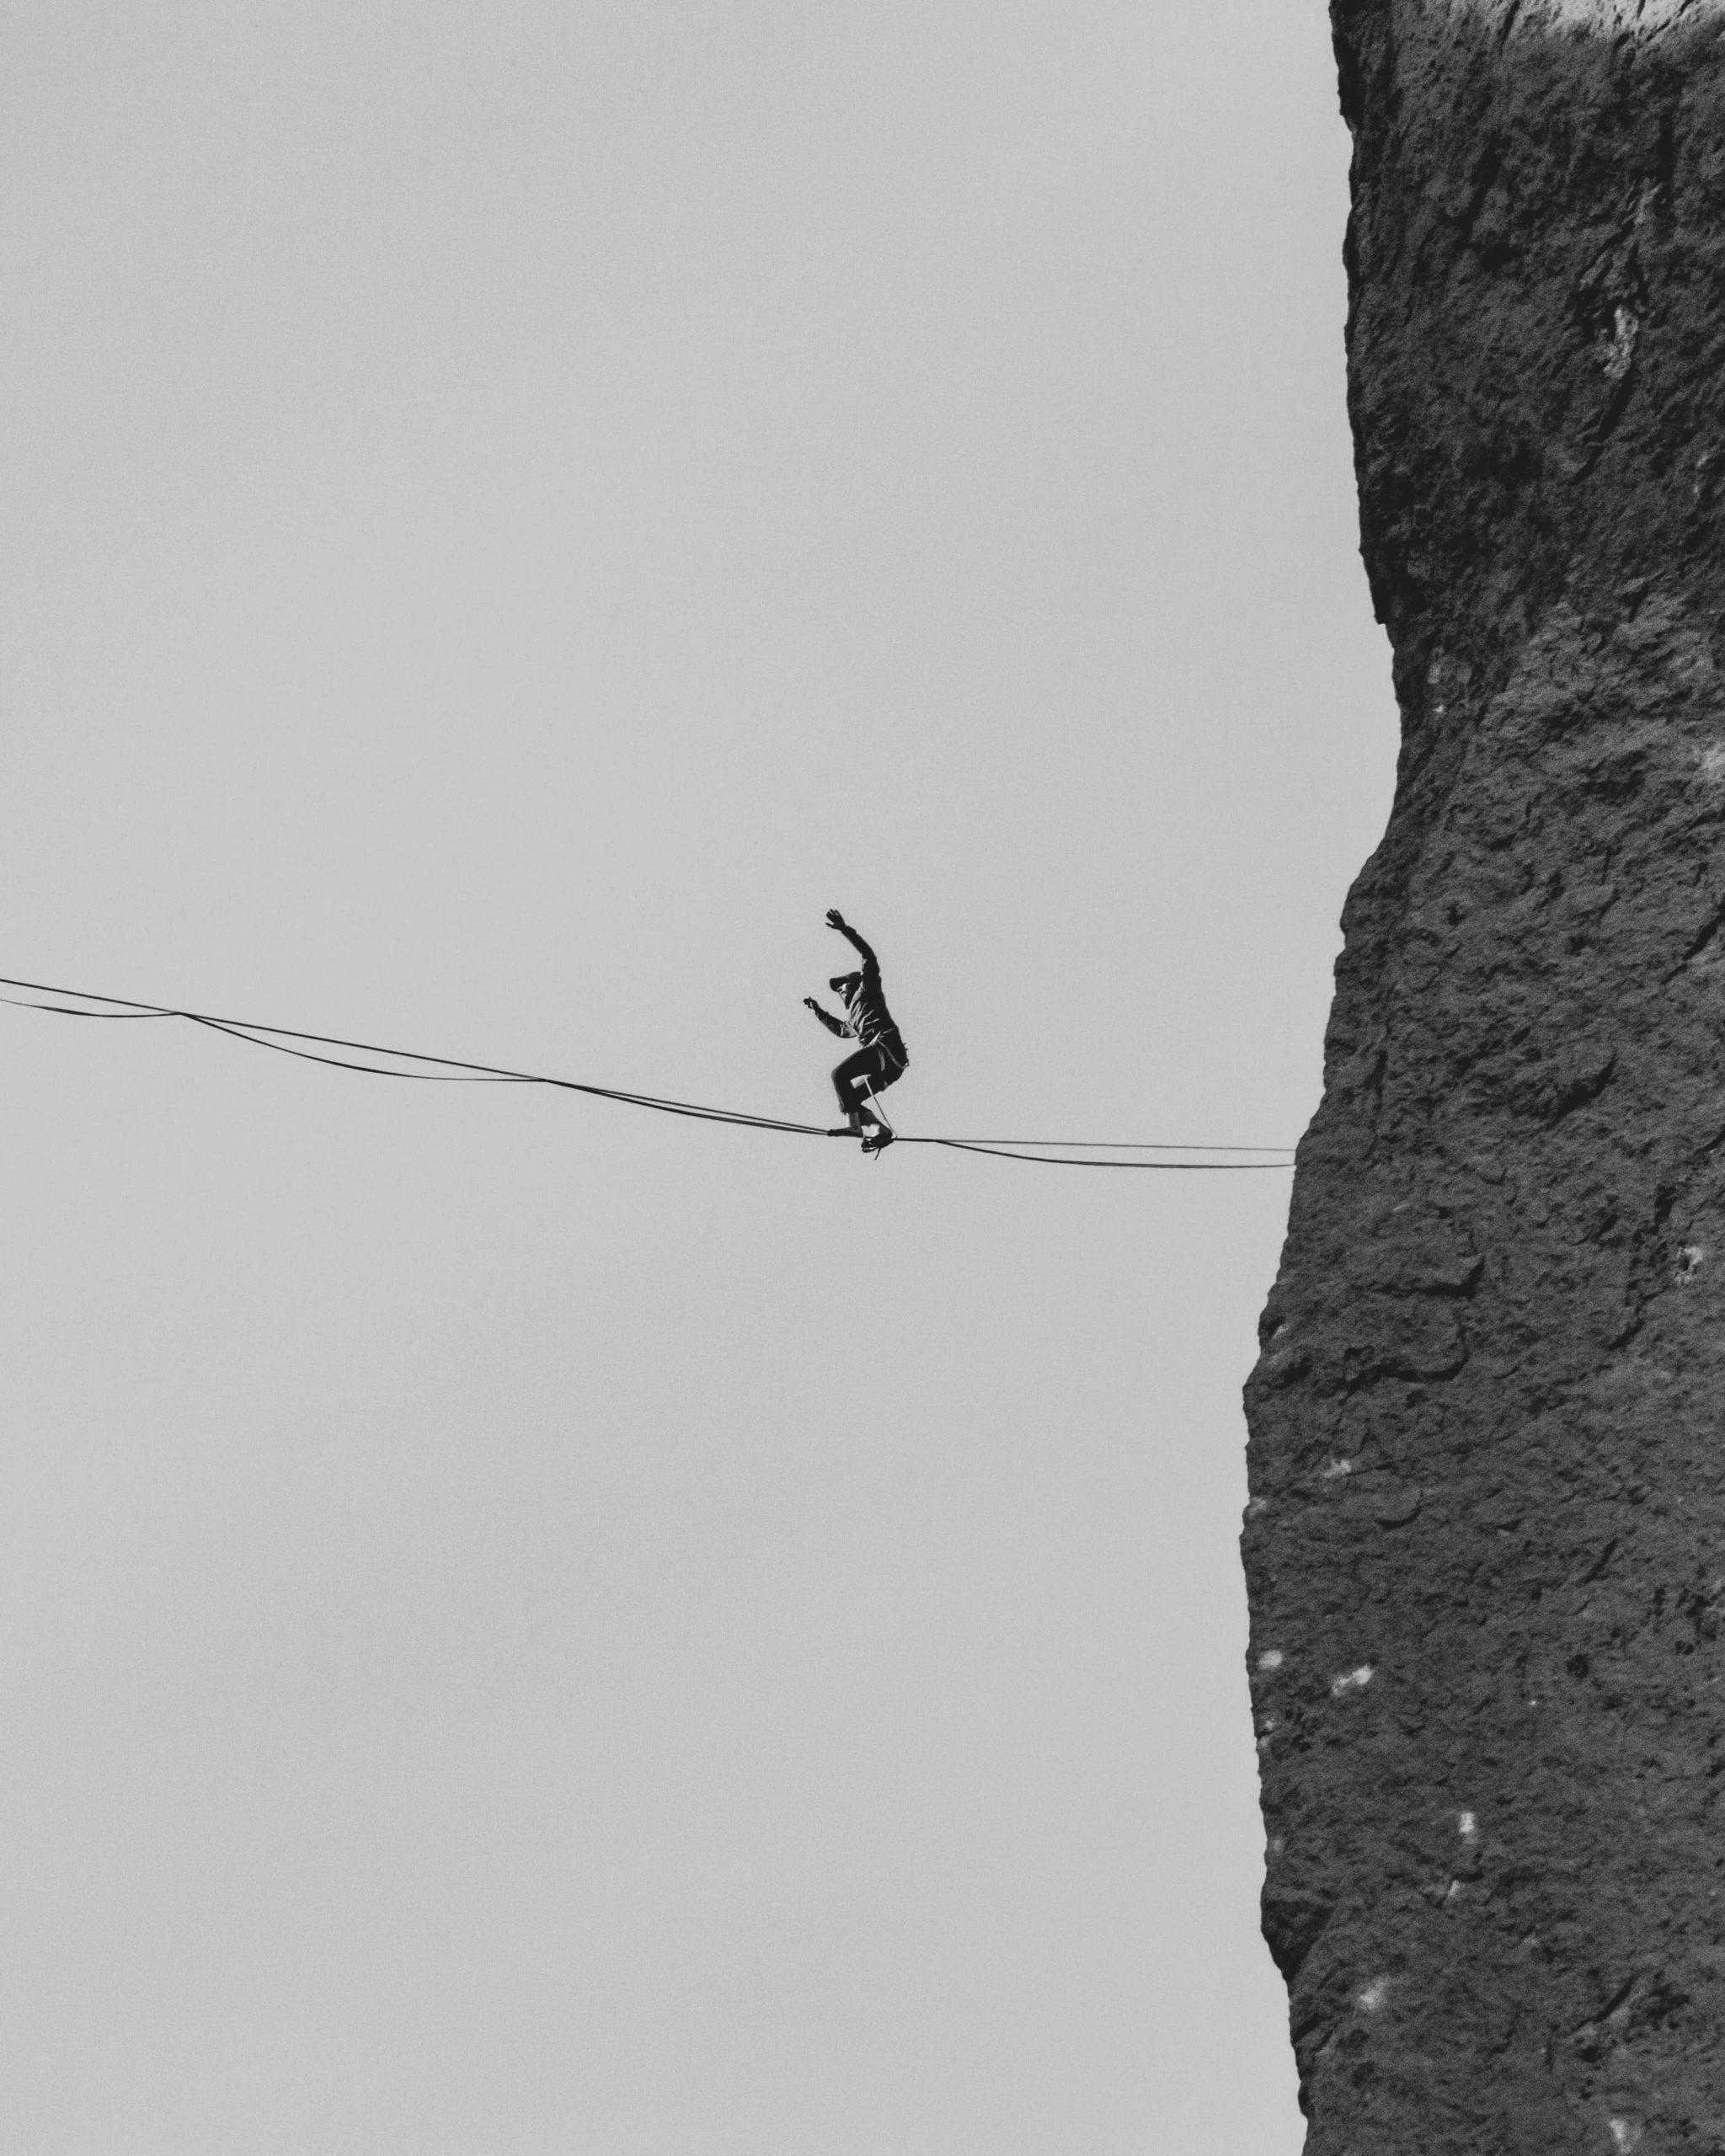 Homme-en-équilibre-sur-cable-entre-falaise